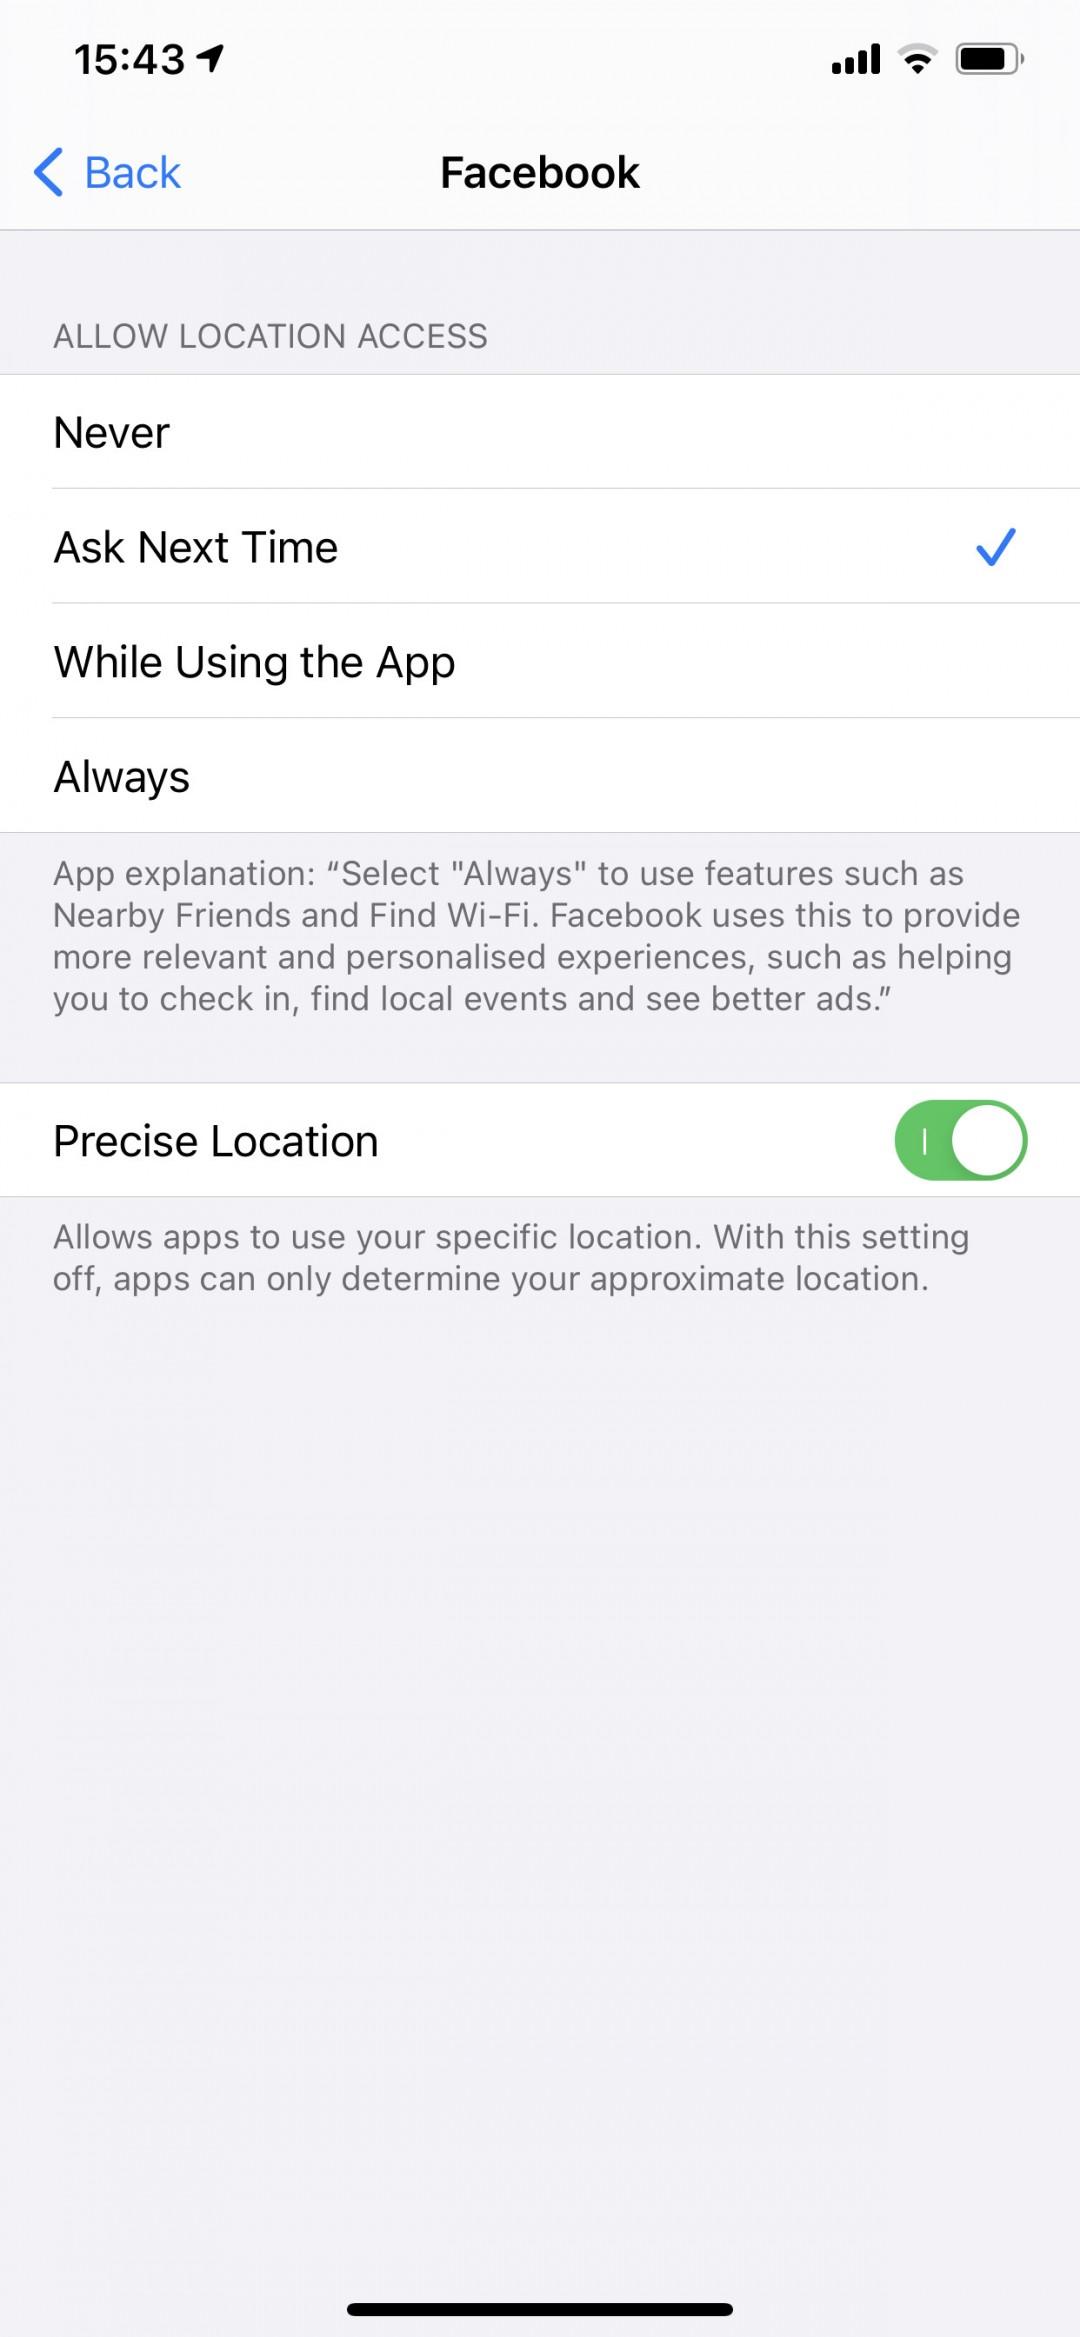 بررسی کامل و تخصصی سیستم عامل iOS 14 اپل: بیشترین تغییرات تا به امروز